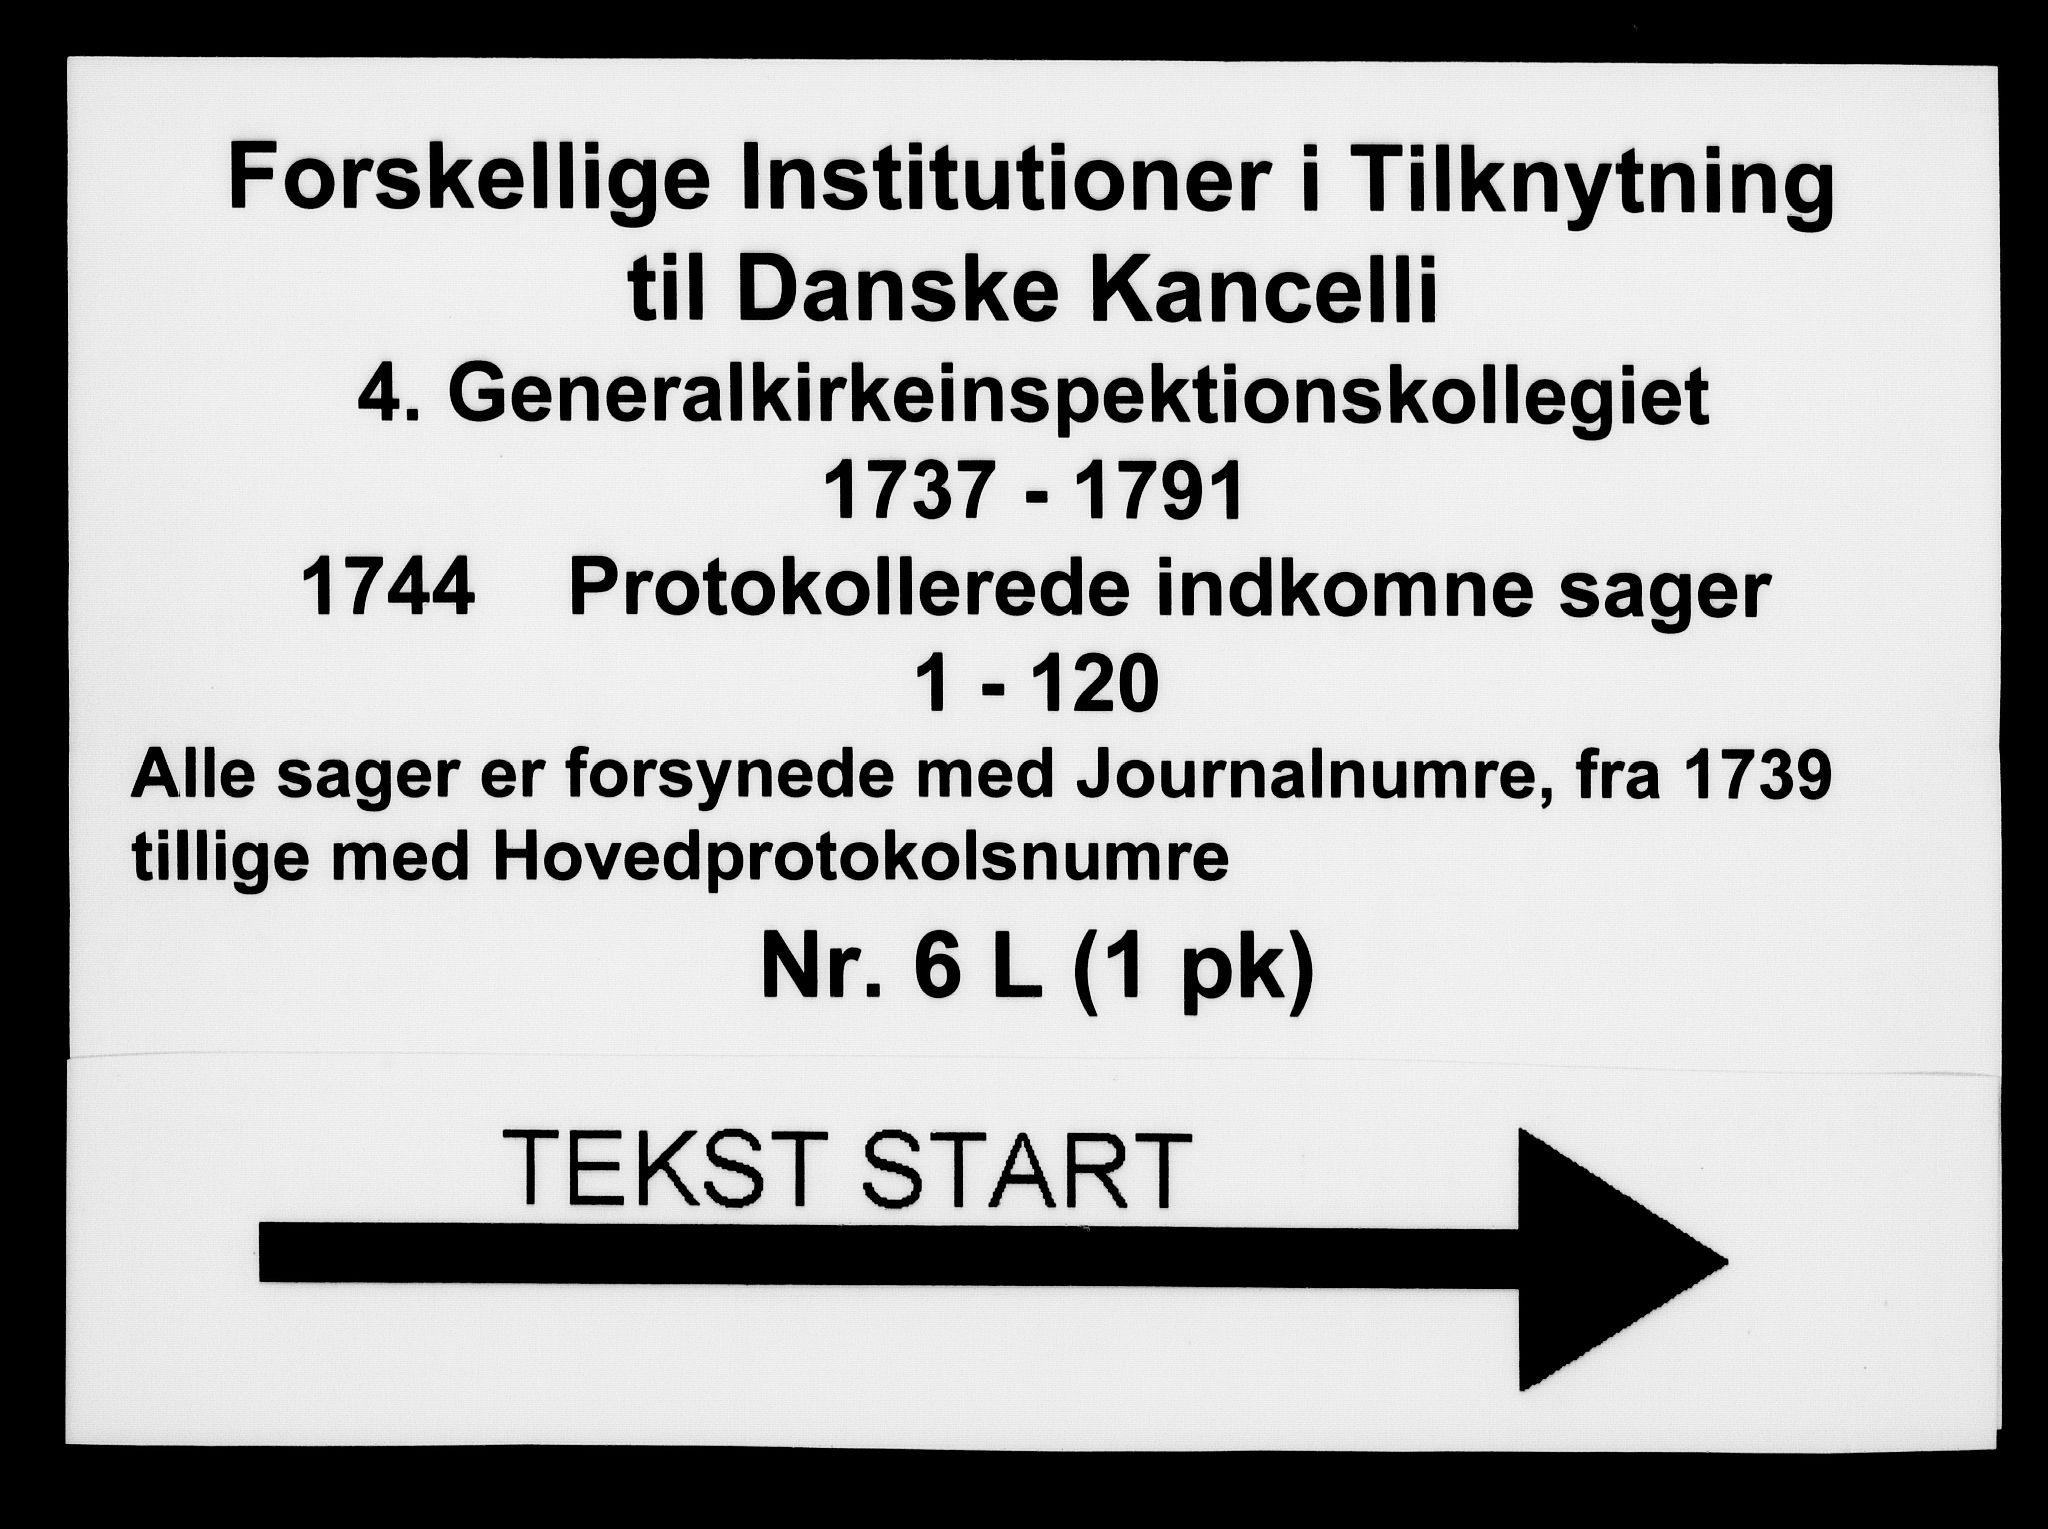 DRA, Generalkirkeinspektionskollegiet, F4-06/F4-06-12: Protokollerede indkomne sager, 1744